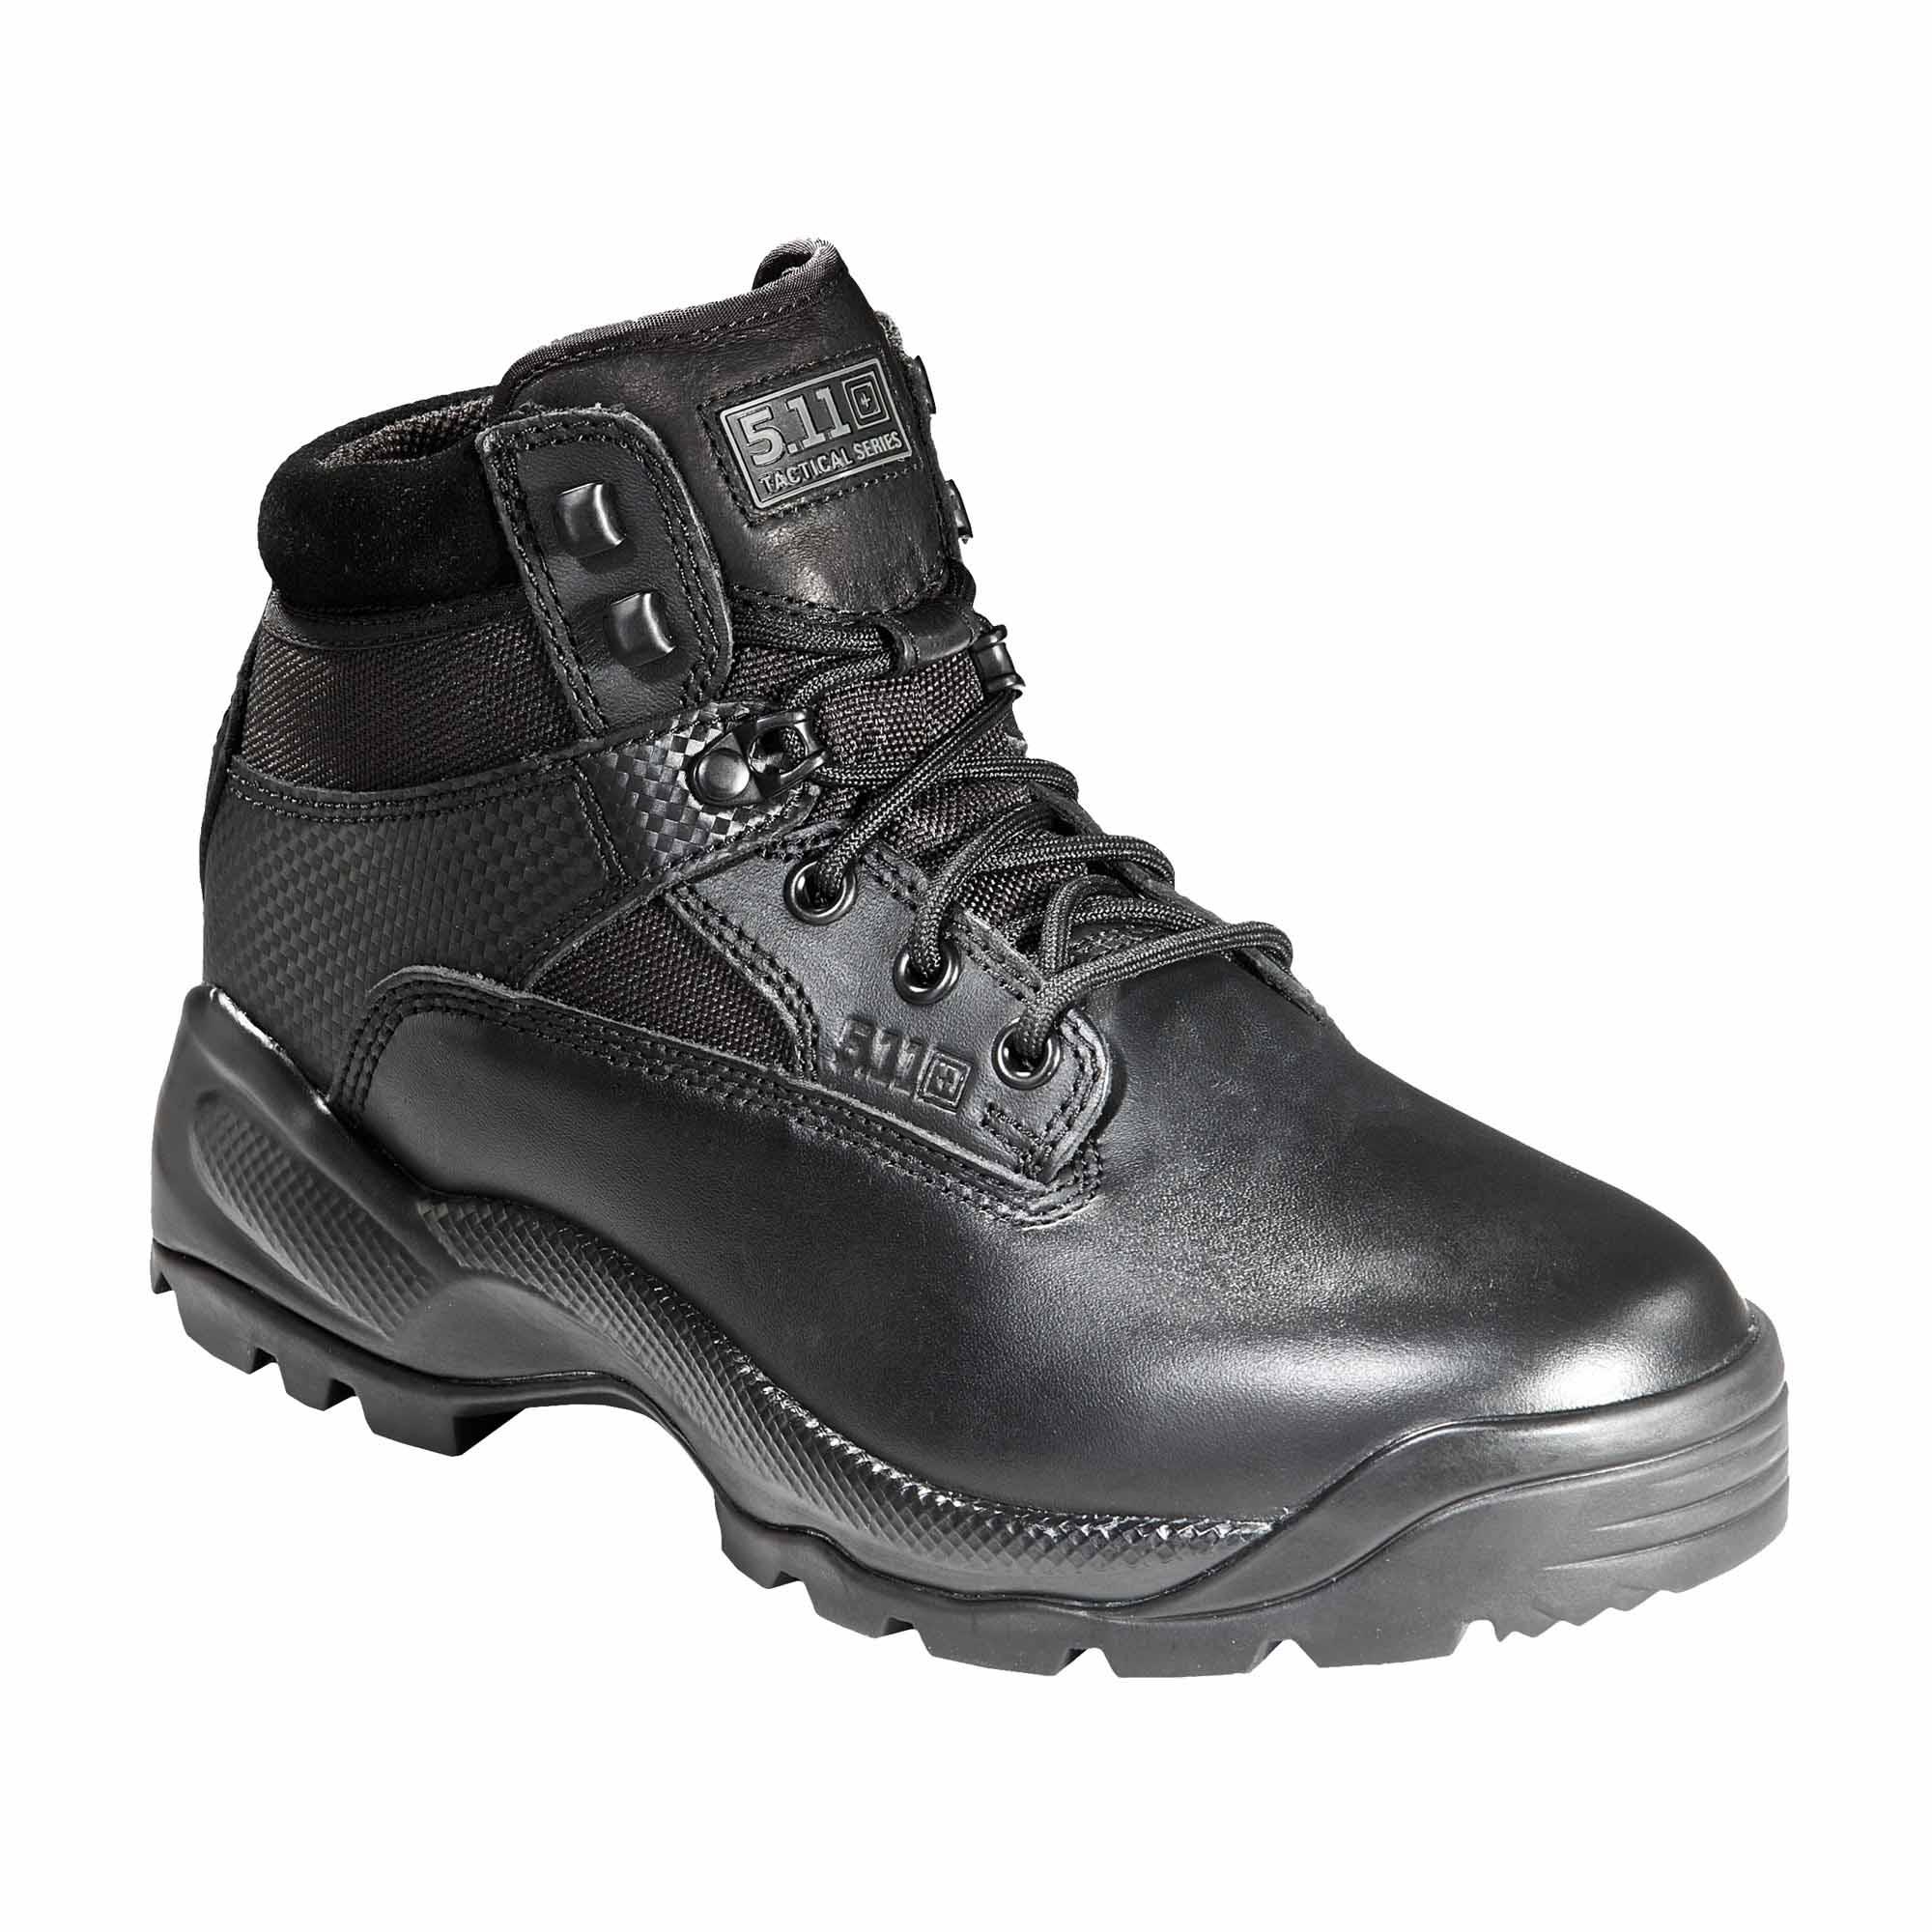 f94cf167033c7 Buy 5.11 Tactical MenS A.T.A.C. 6